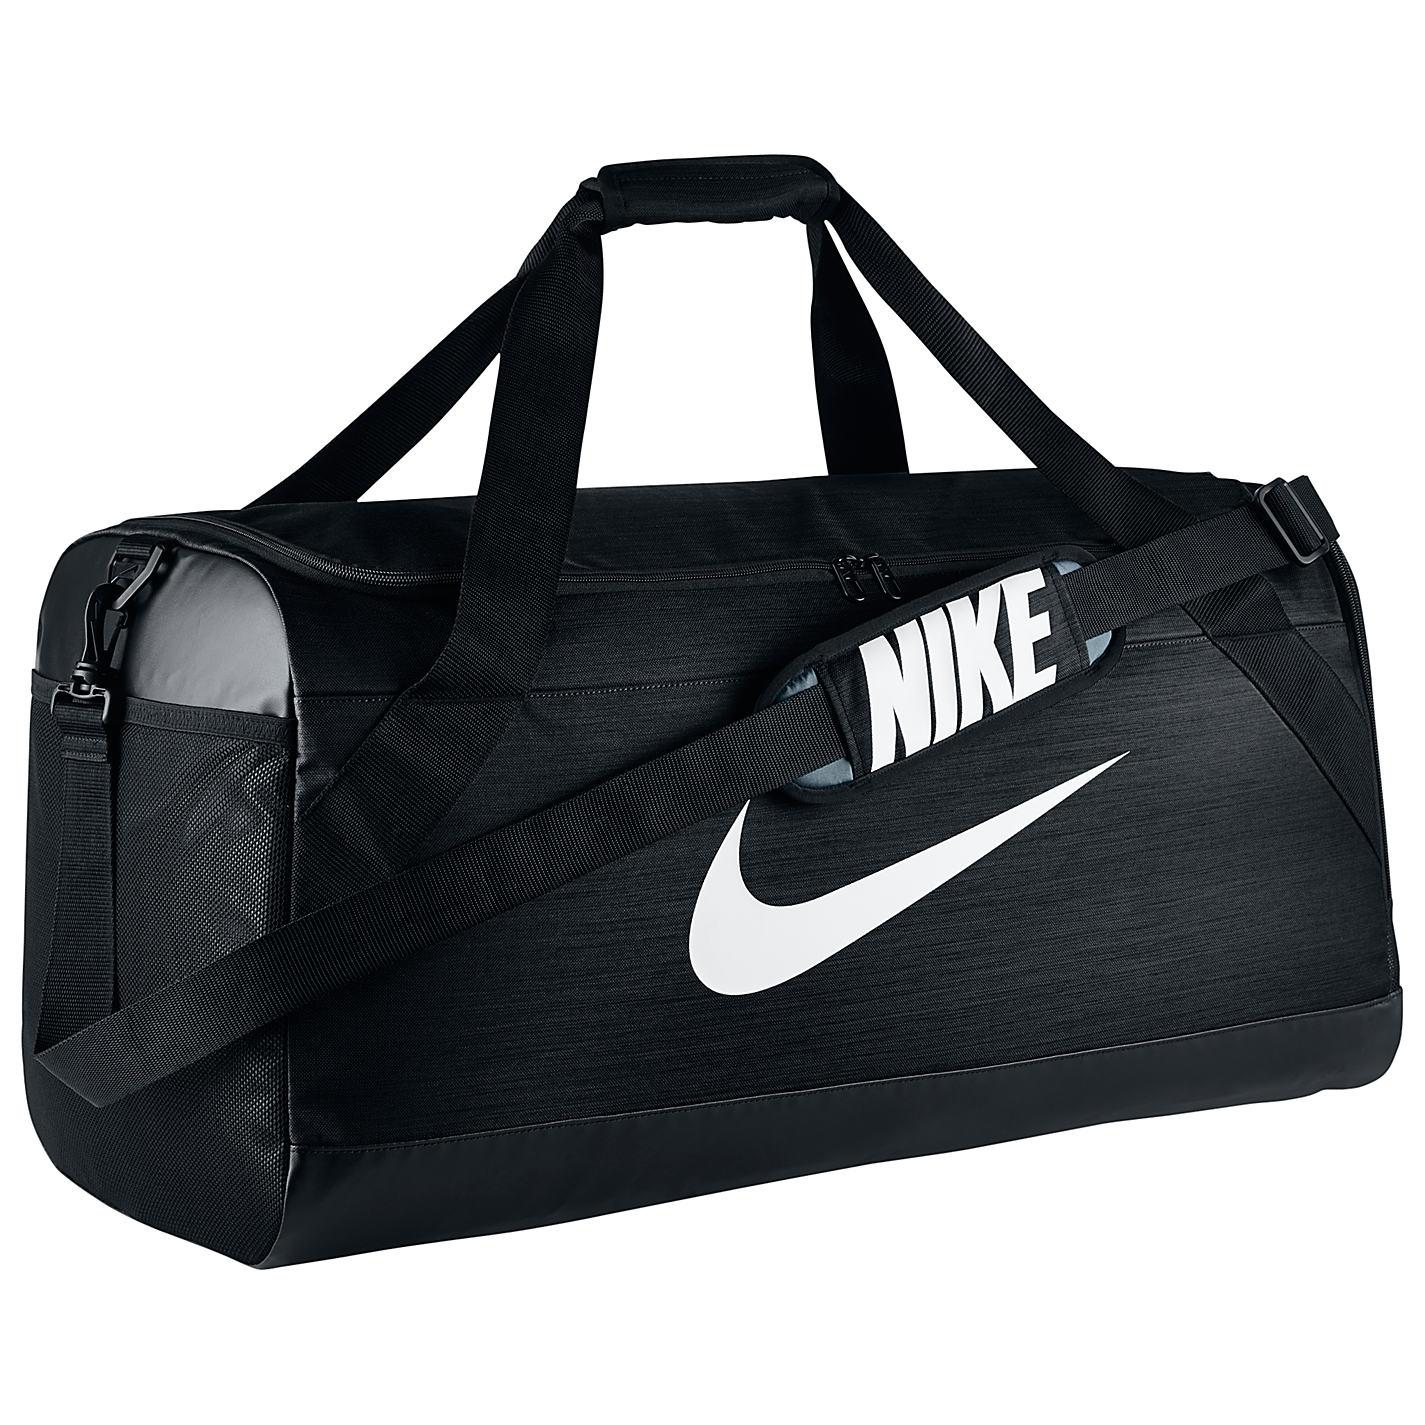 Buy Nike Brasilia Large Training Duffle Bag Black Online At Johnlewis